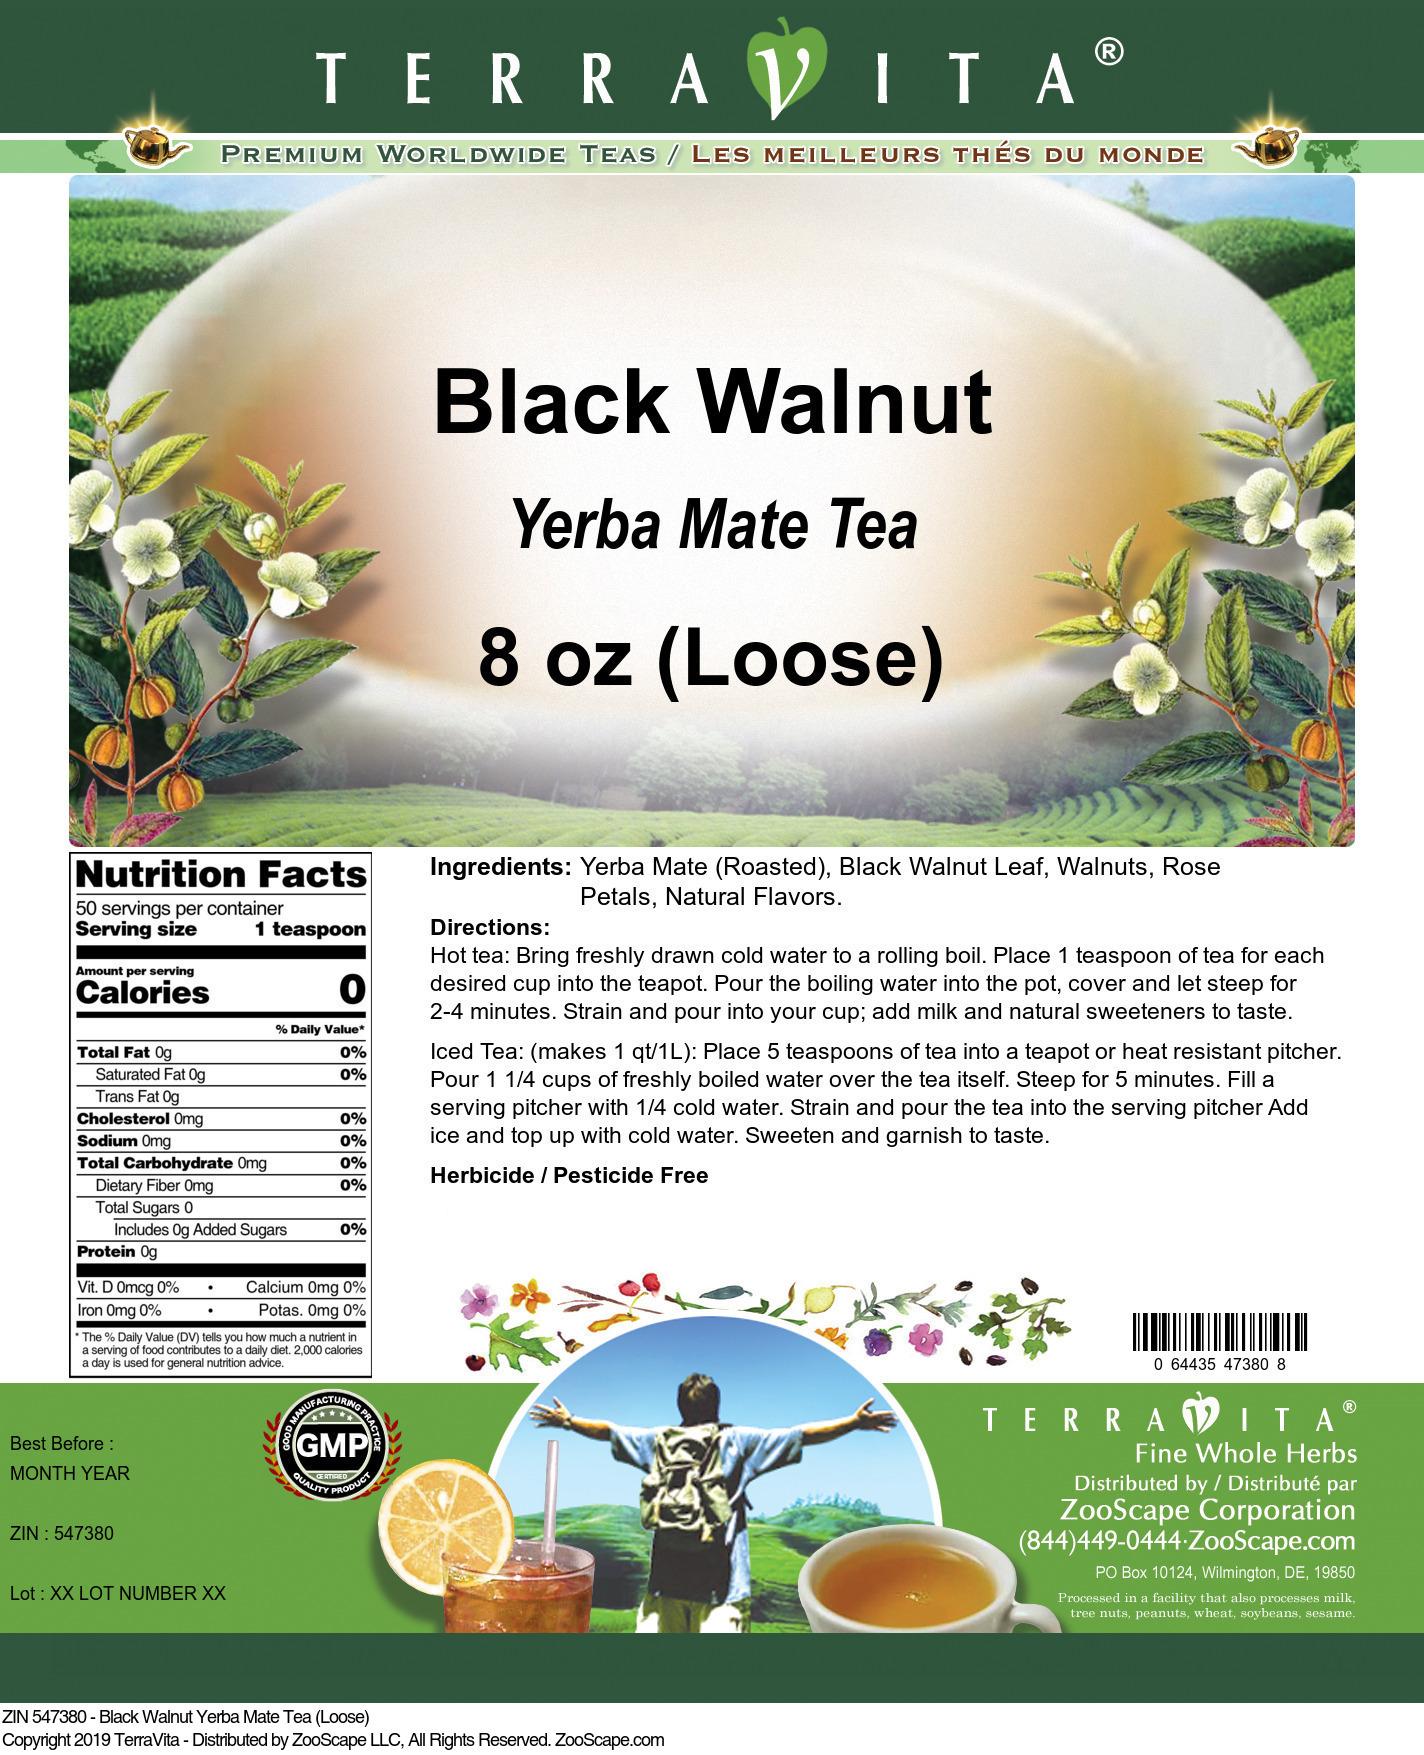 Black Walnut Yerba Mate